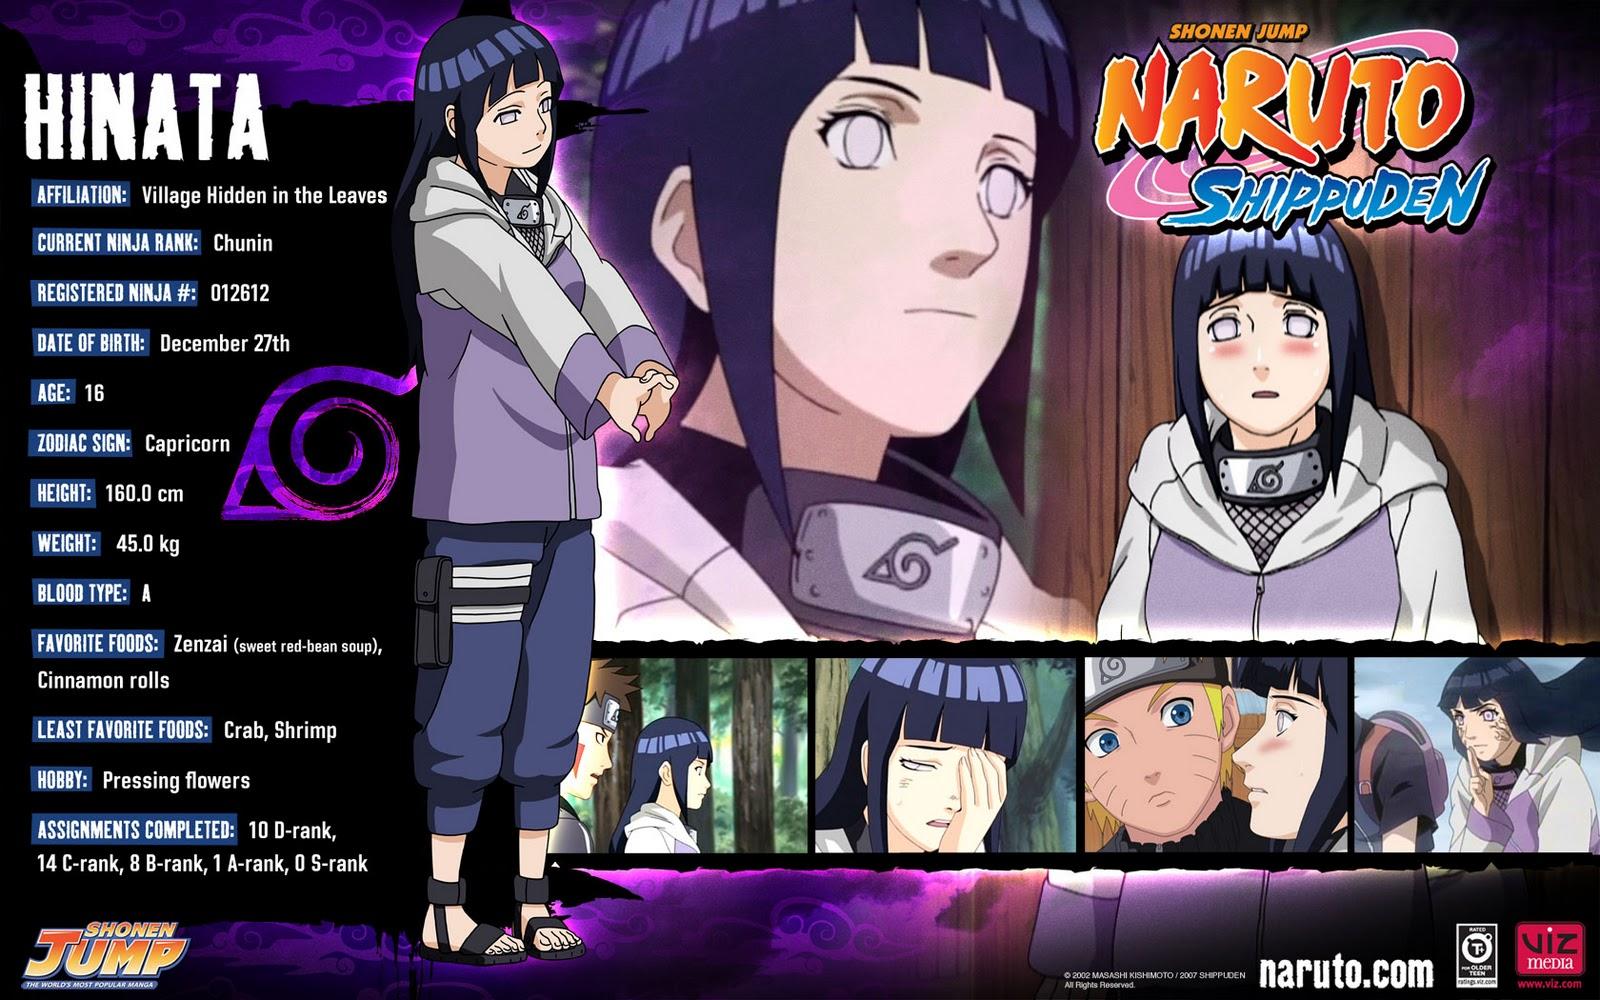 Naruto shippuden 2012 naruto shippuden 2012 biography - Image de naruto ...